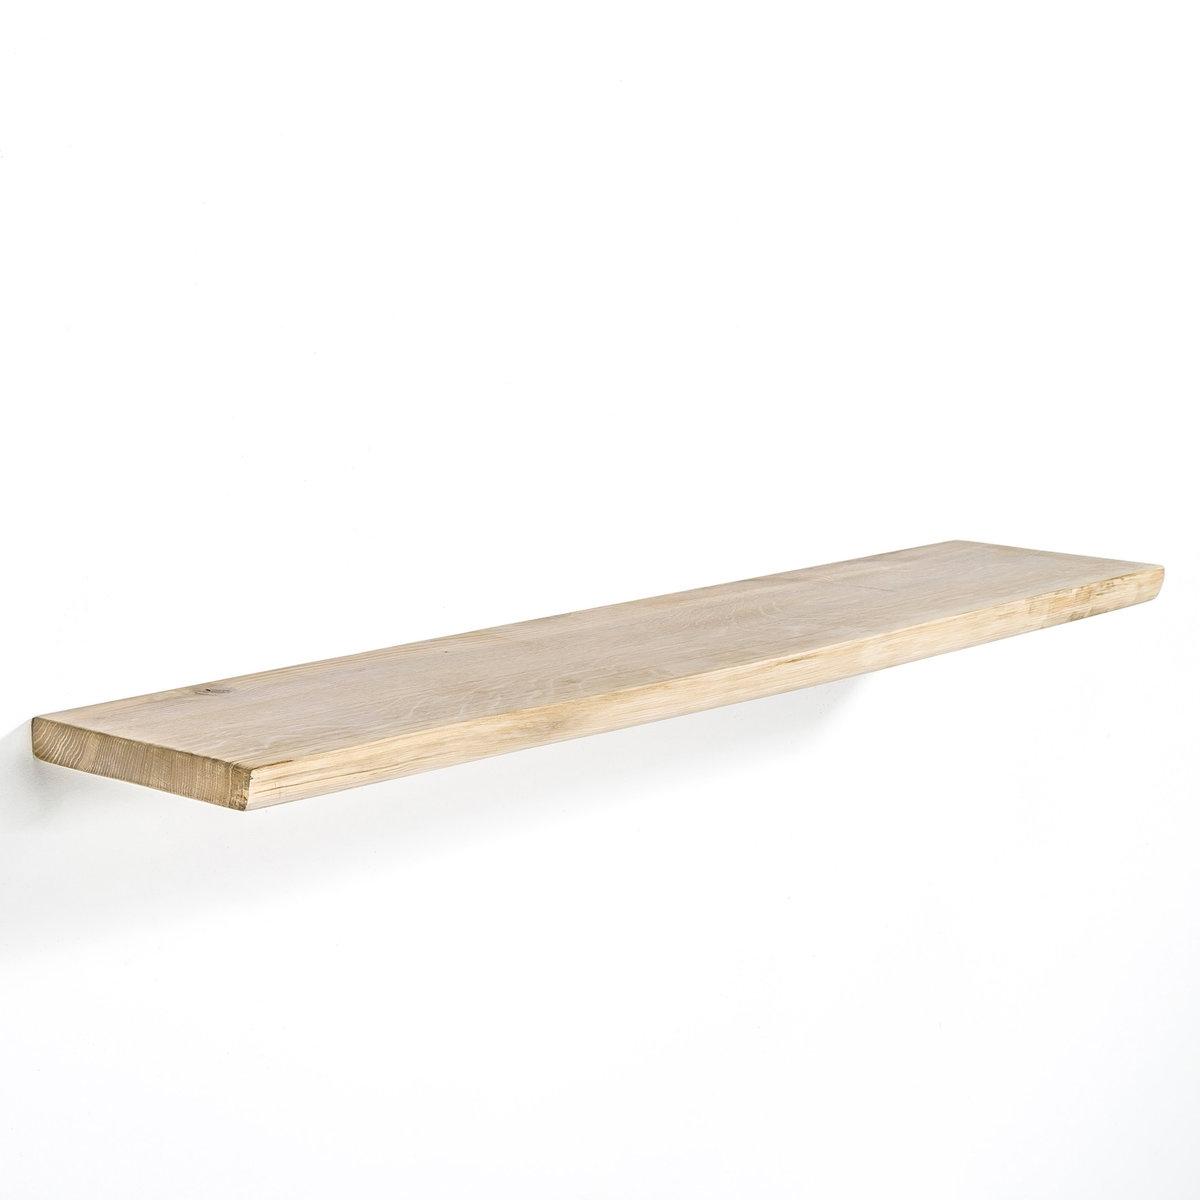 Полка настенная EDWIN из массива дубаНебрежный, естественный стиль. Имитирует крону дерева.Характеристики:- Из массива дуба, естественная отделка, пропитка воском. - Невидимые крепления. Размеры: - Длина 100 см x глубина 22 см x глубина 3 см.<br><br>Цвет: натуральный дуб